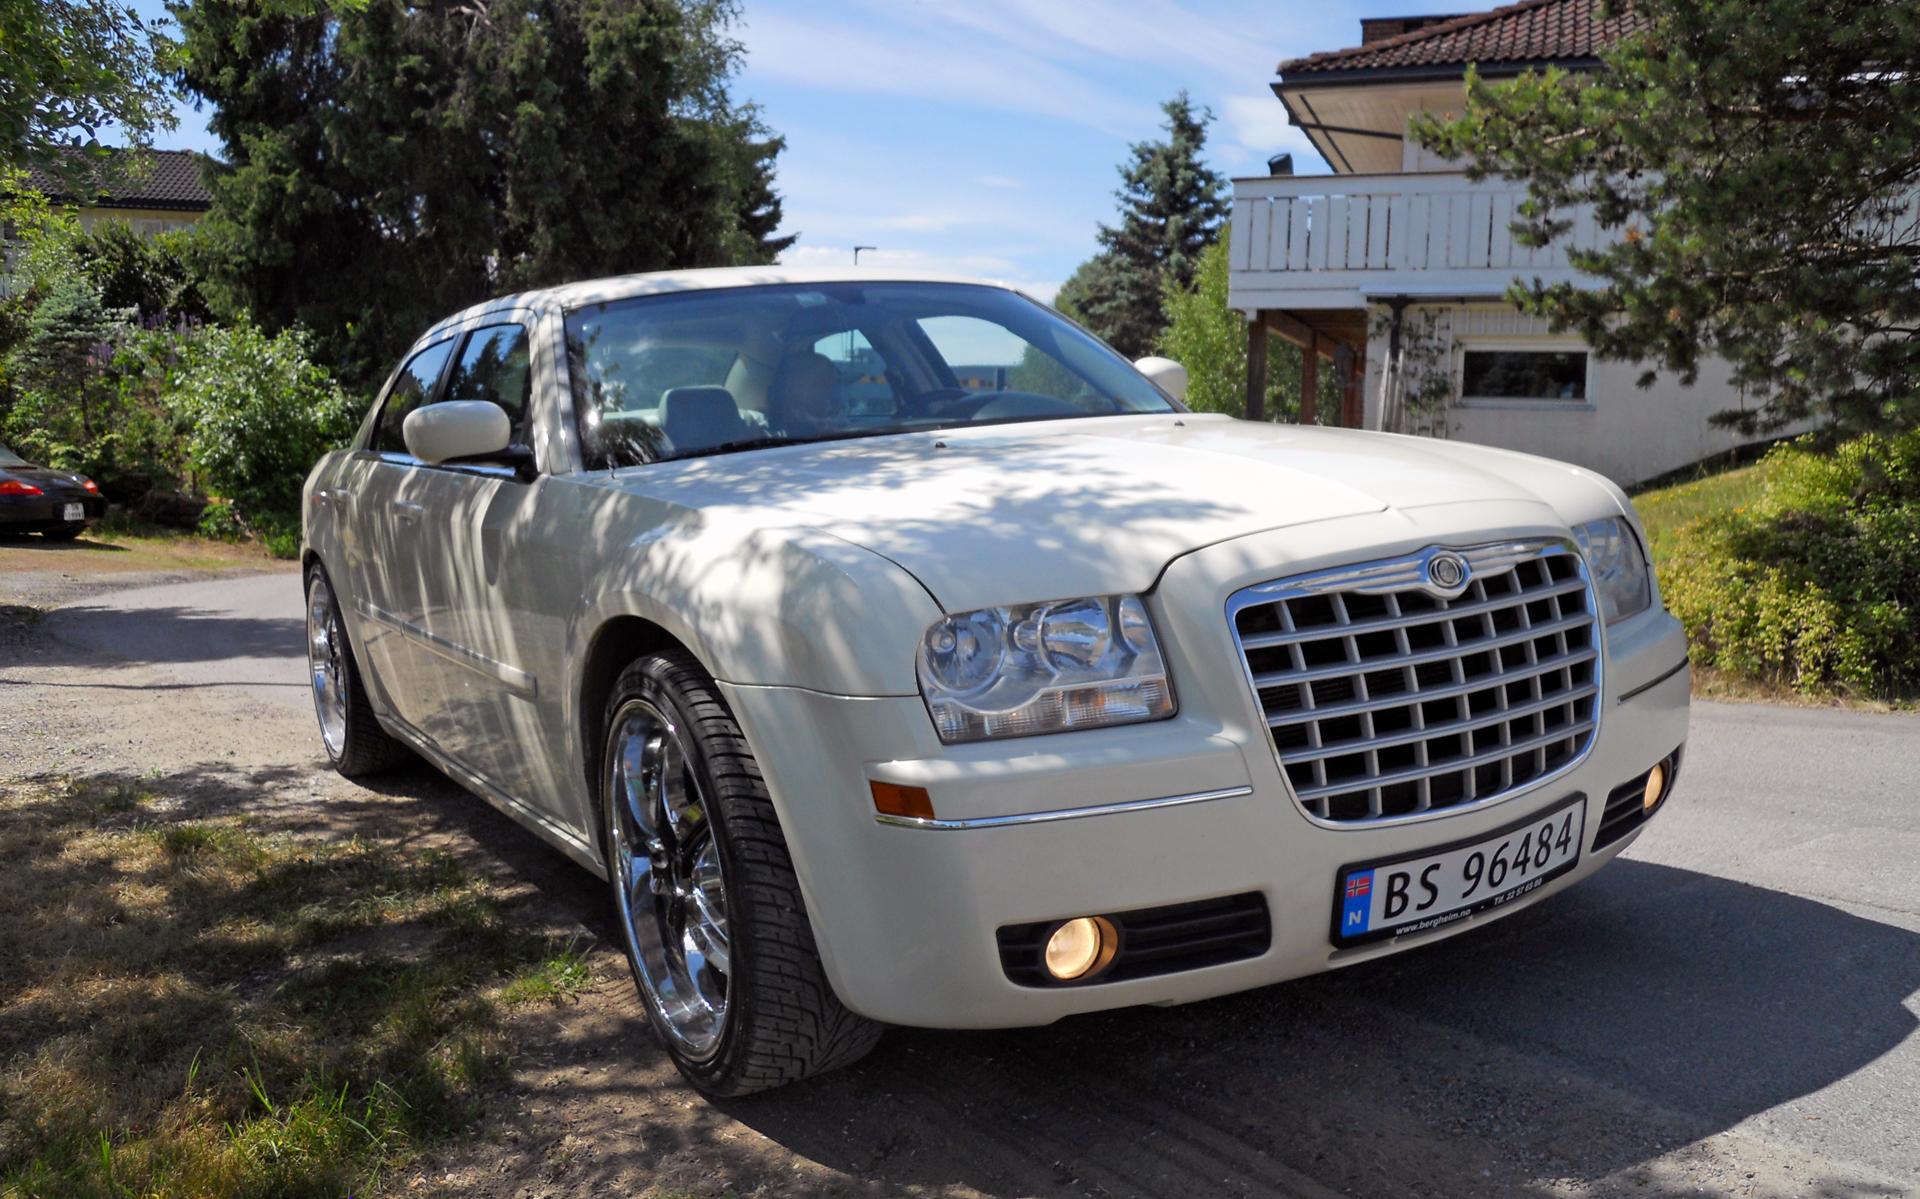 131-2005 Chrysler 300T 01. Eier- medlem 131 Famili